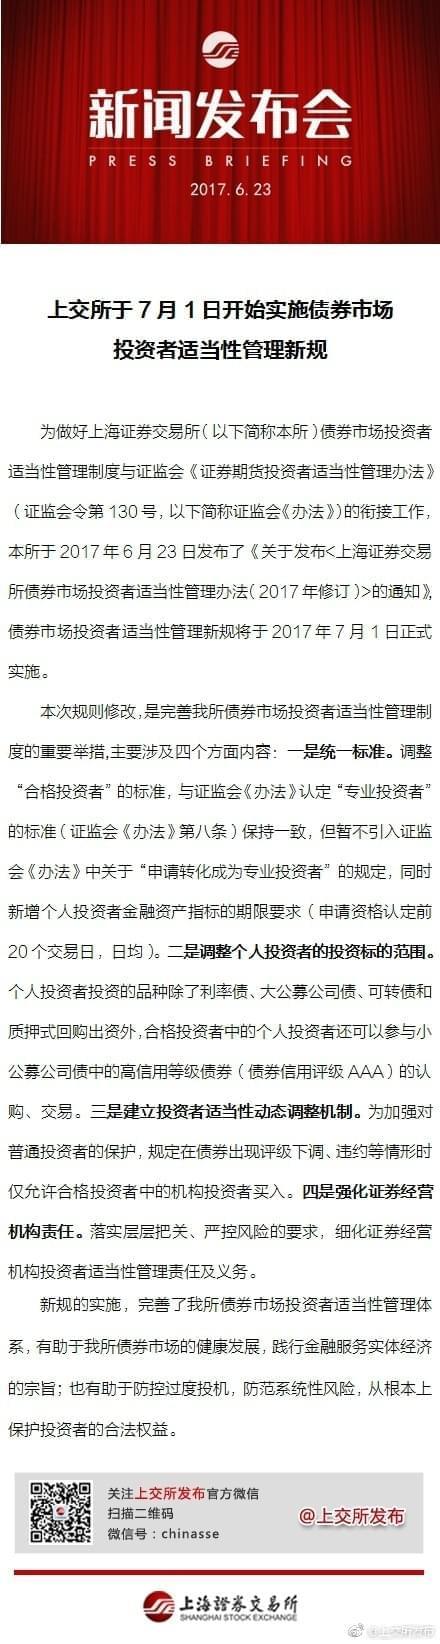 上交所于7月1日起实施债券投资者适当性管理新规